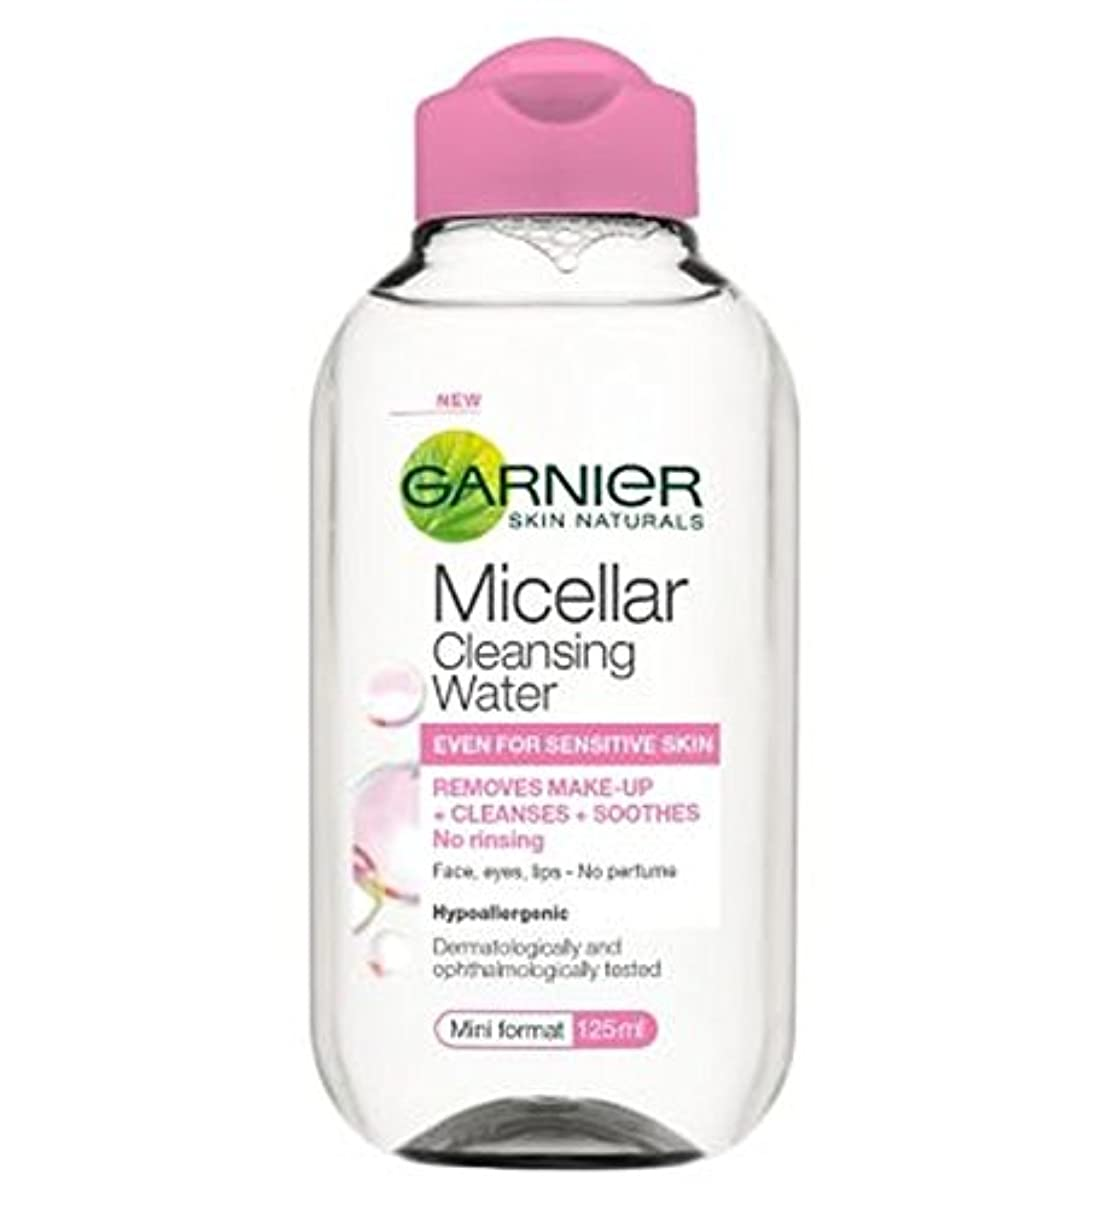 イサカインスタンス聖人ガルニエミセル洗浄水125ミリリットル (Garnier) (x2) - Garnier Micellar Cleansing Water 125ml (Pack of 2) [並行輸入品]